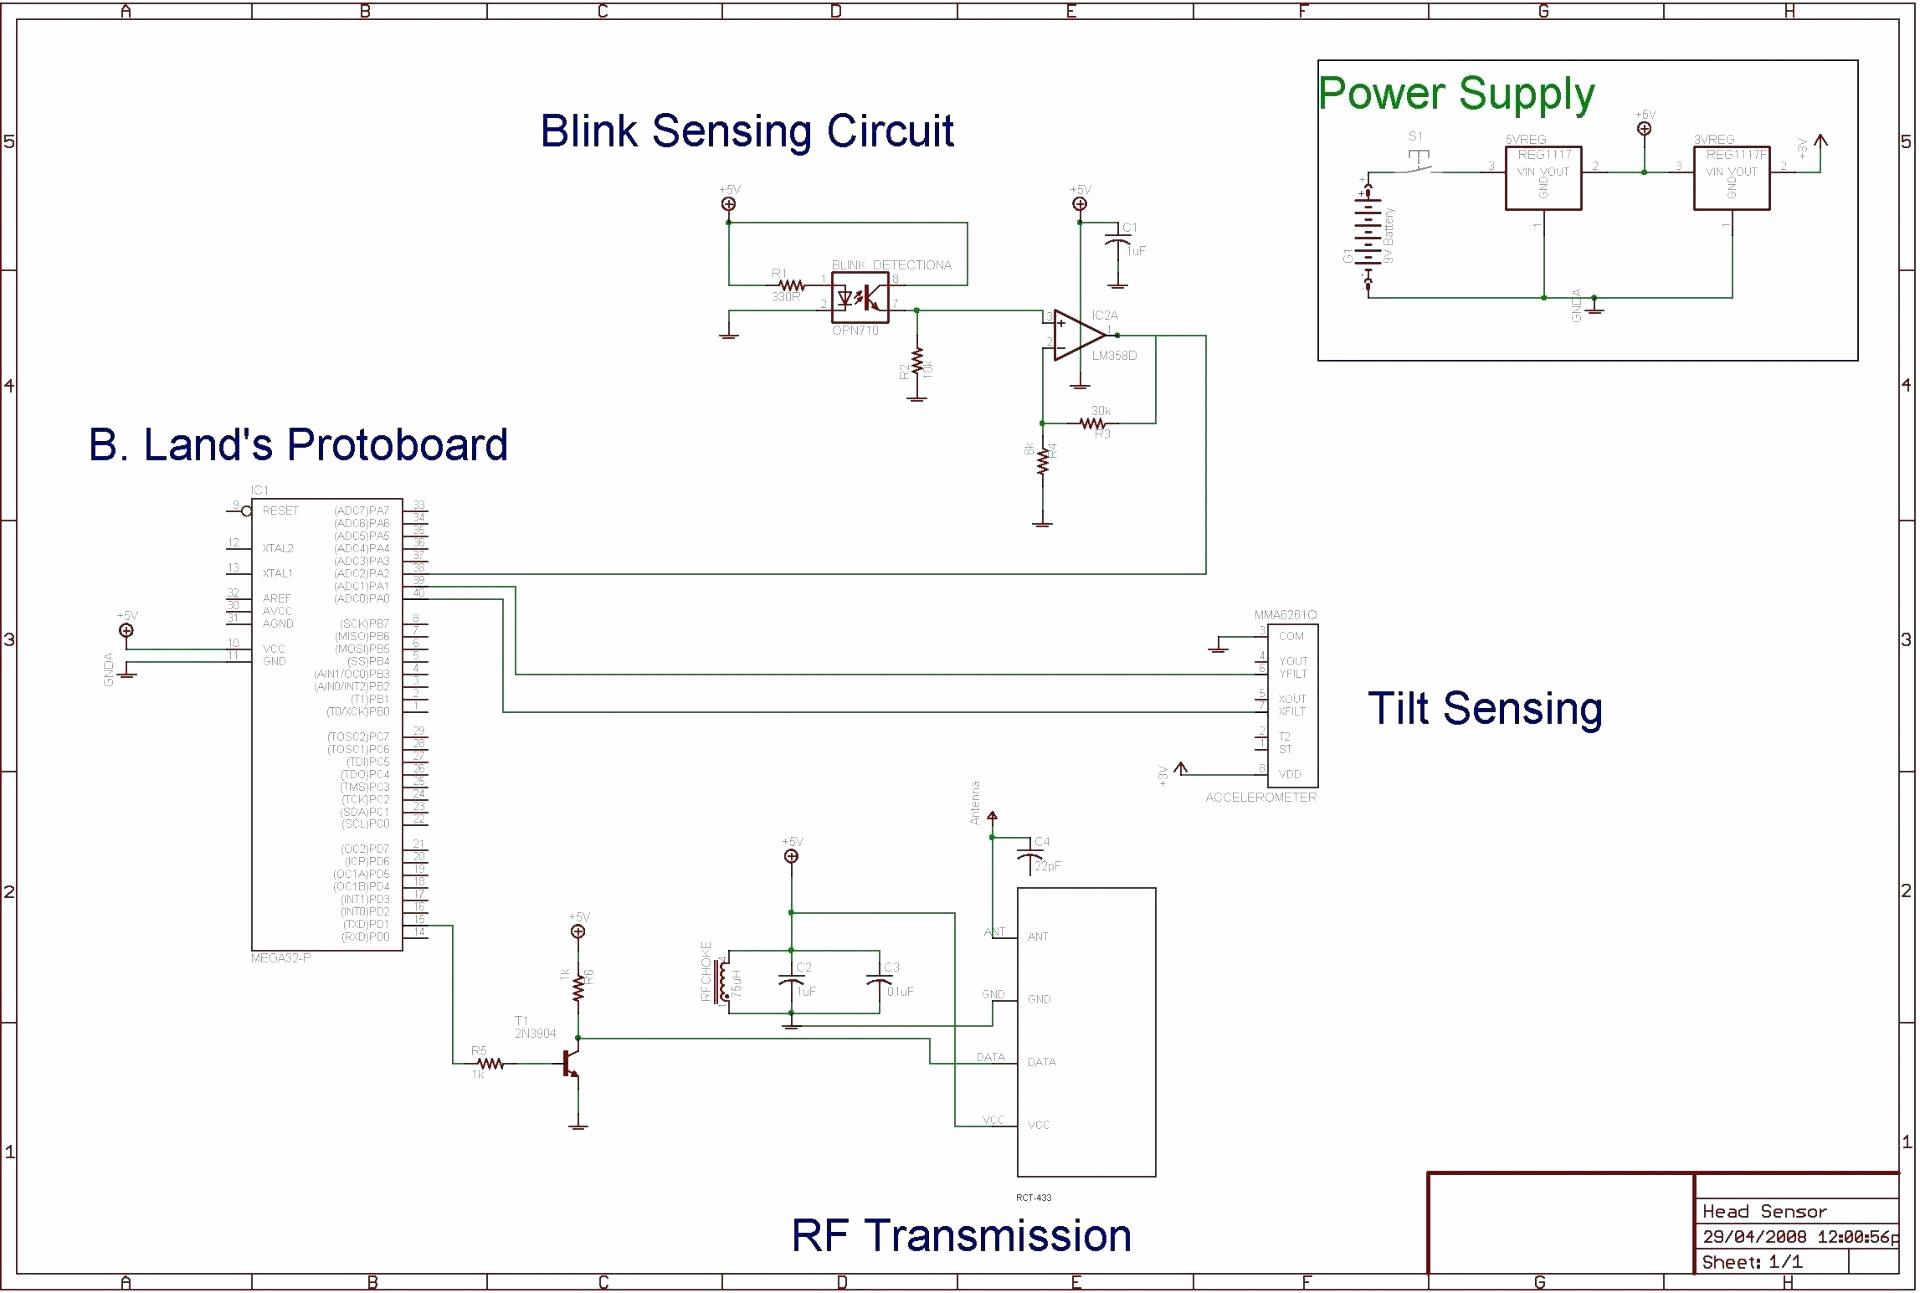 Garage Door Sensor Bypass Beautiful Genie Garage Door Opener Wiring - Genie Garage Door Sensor Wiring Diagram